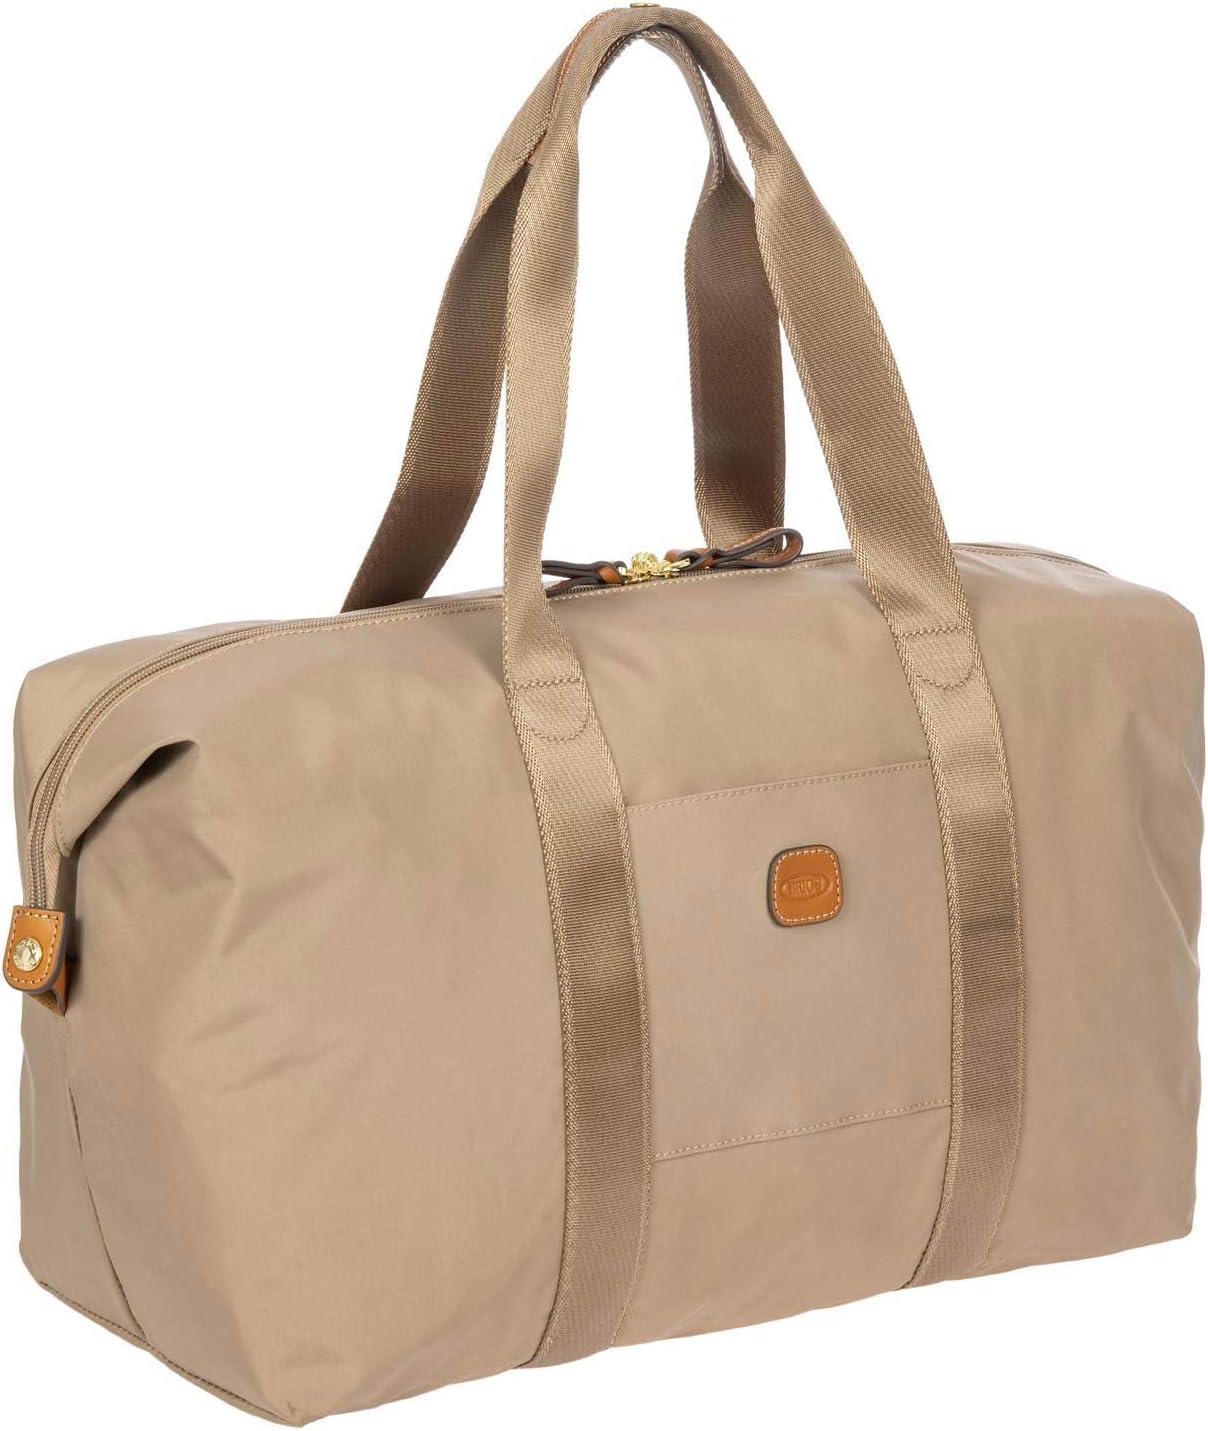 Fourre-Tout Petit Format 2 en 1 X-Bag, Taille Unique,029-Sage Green 415-tundra